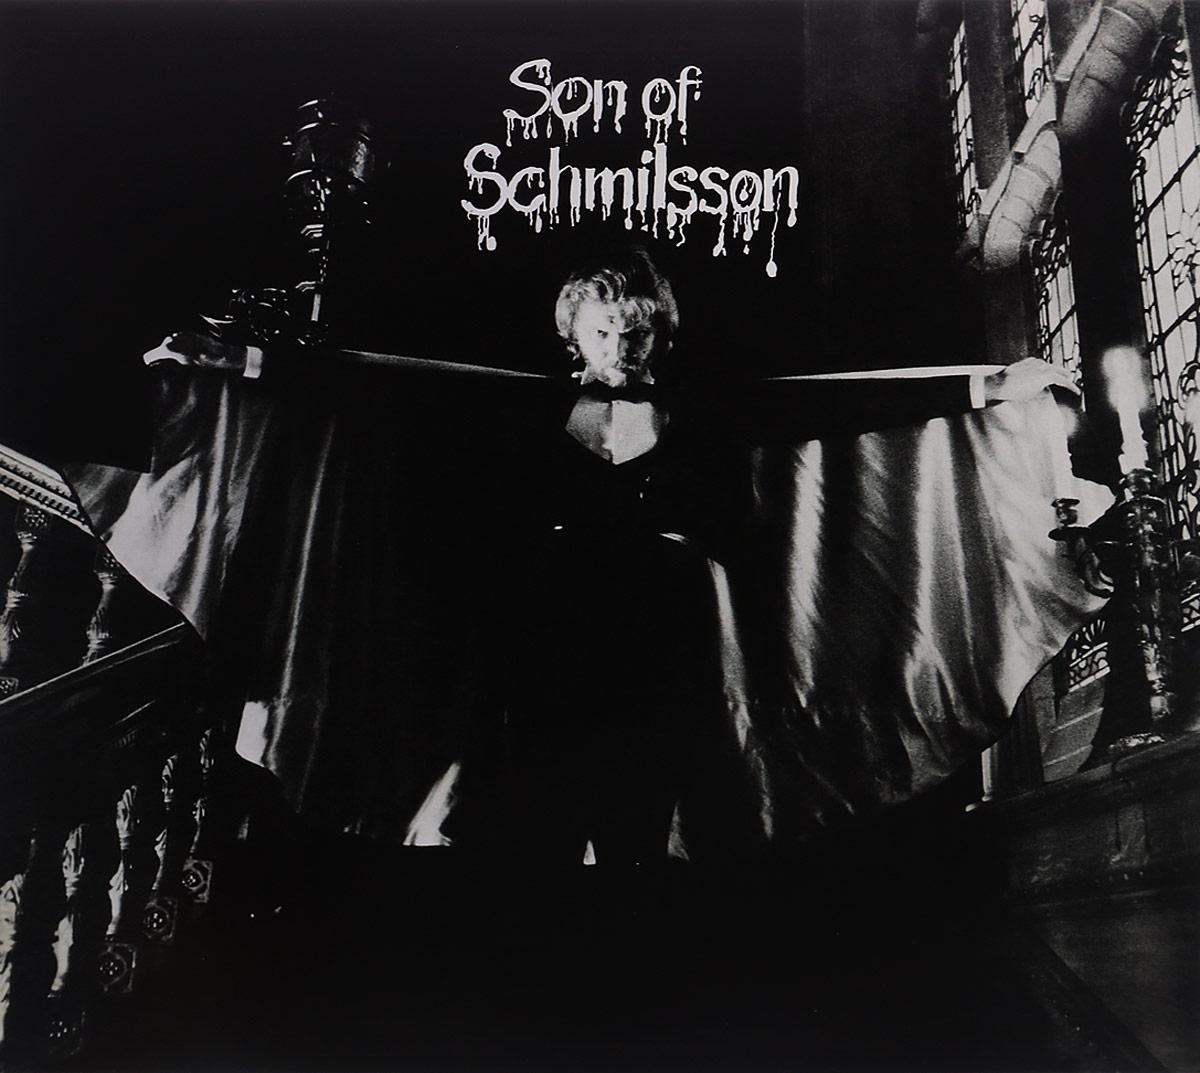 Хэрри Нилссон Harry Nilsson. Son Of Schmilsson (LP) бирджит нильссон birgit nilsson la nilsson 79 cd 2 dvd